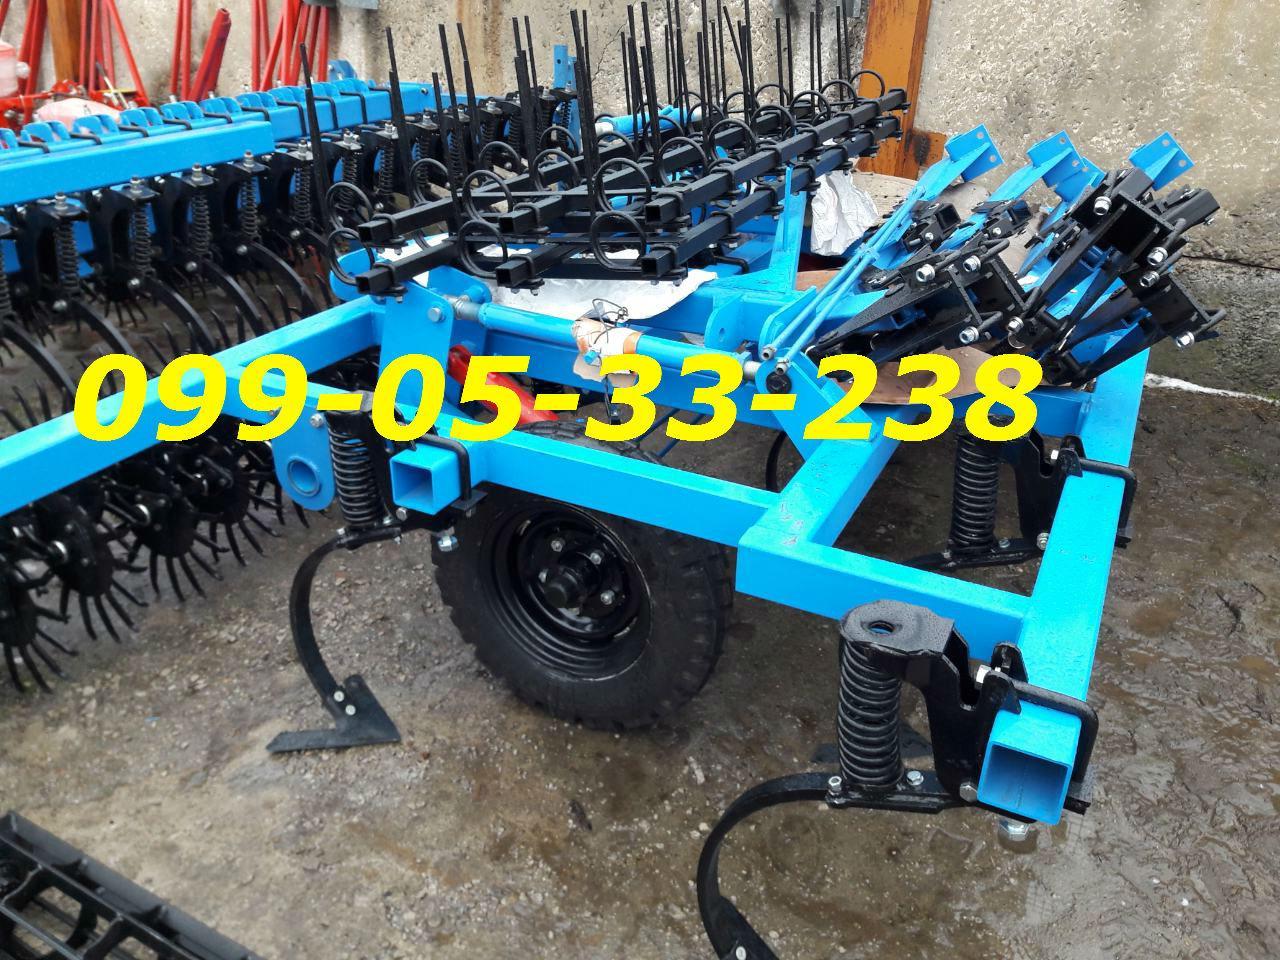 недорого культиватор с катком и пружинами КШГ Культиватор КГШ-4 КПС-4 (5)